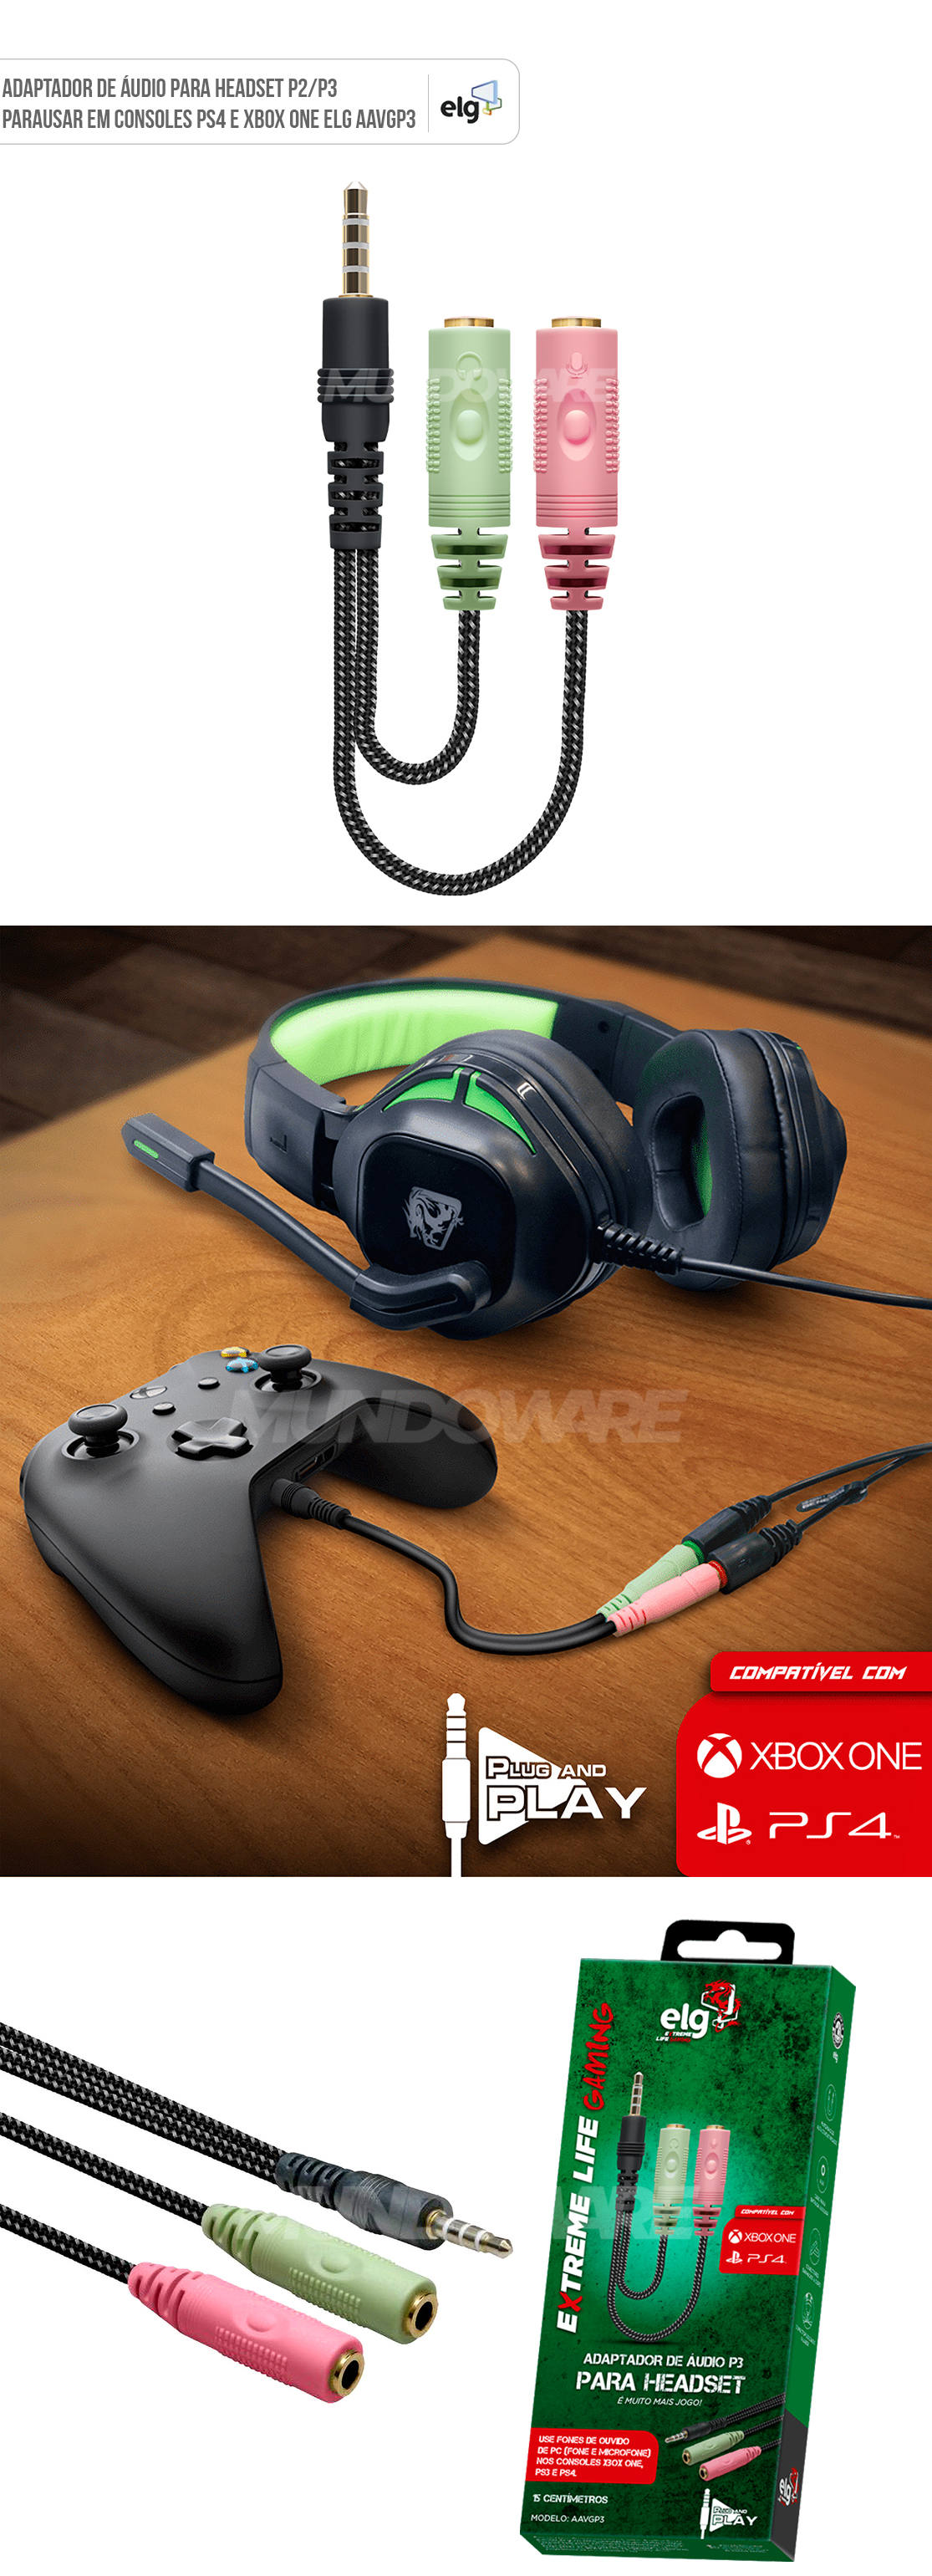 Cabo Adaptador de Áudio P2/P3 para Headset Compatível para usar em Consoles PS4 Xbox Onee Elg AAVGP3